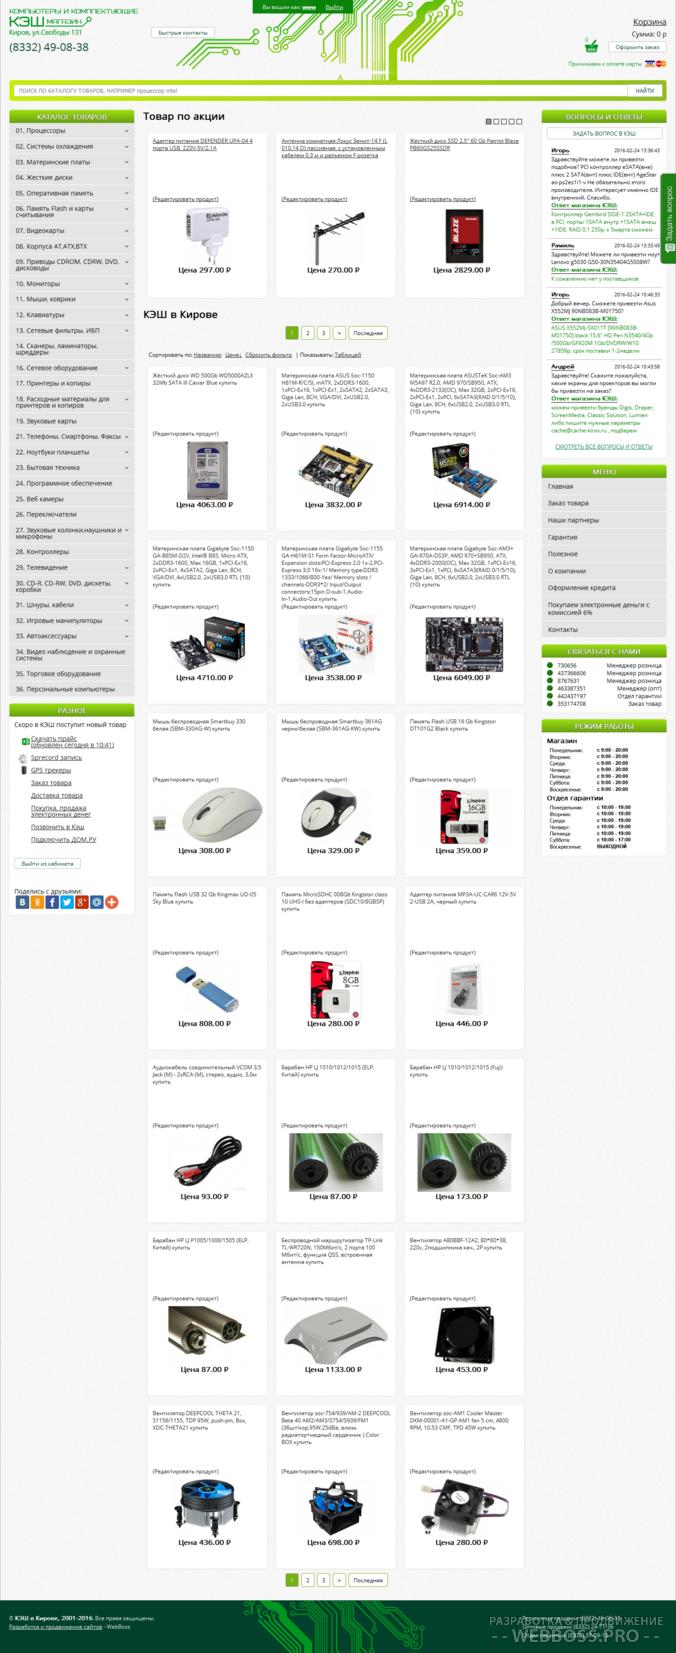 Создание сайта: Сайт для компьютерного магазина (после)